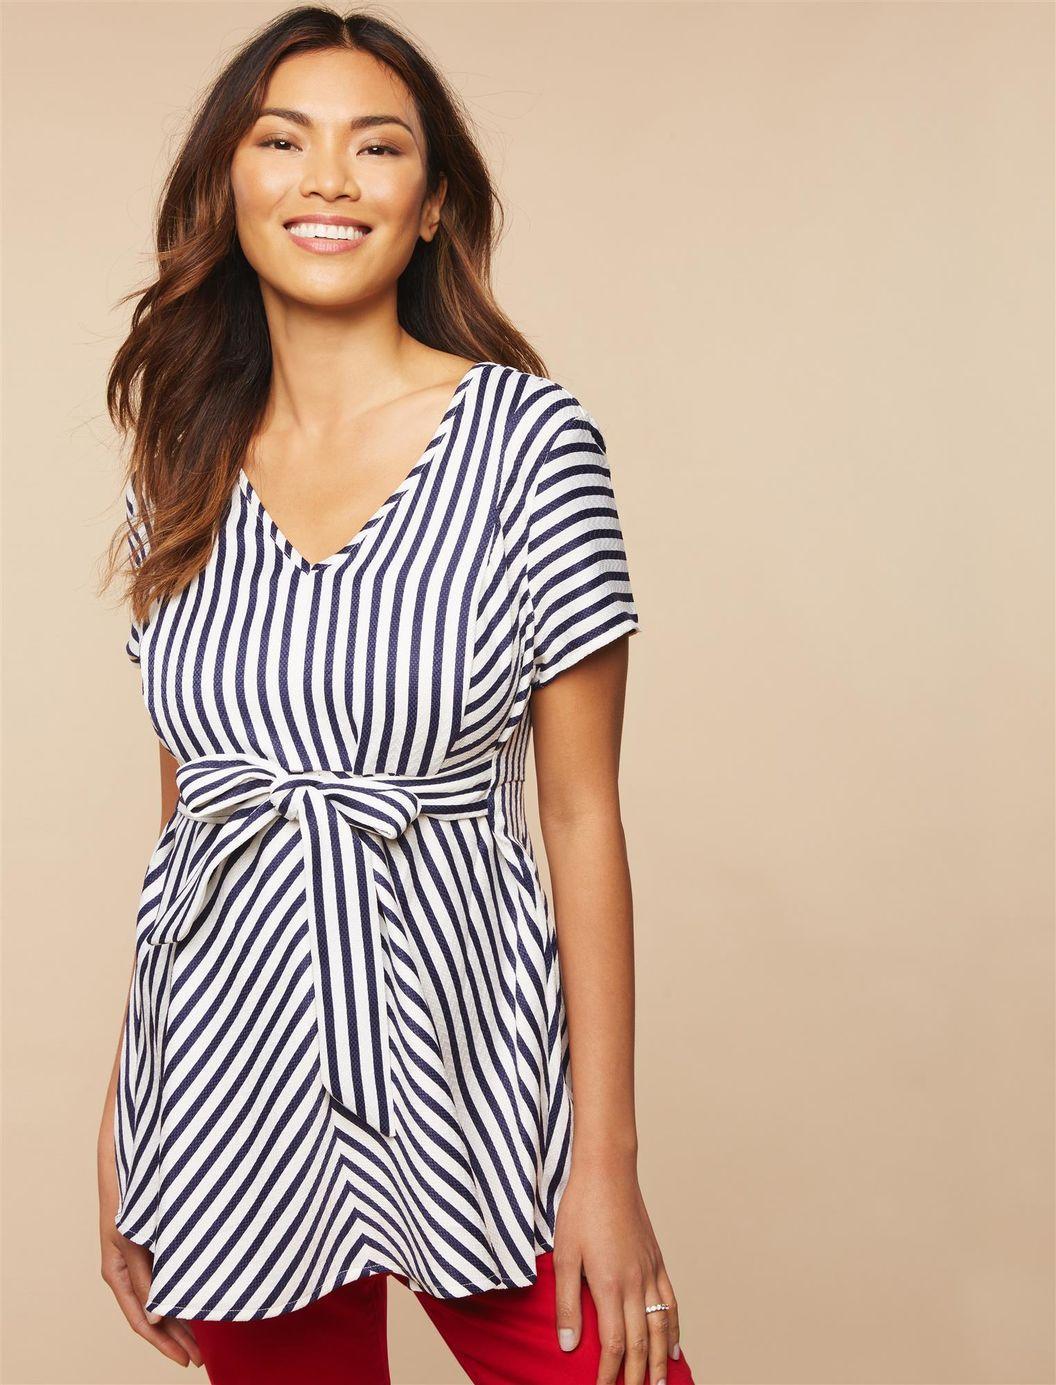 e6a6ab52f5ea5 Jessica Simpson Maternity Dress Blue And White – DACC